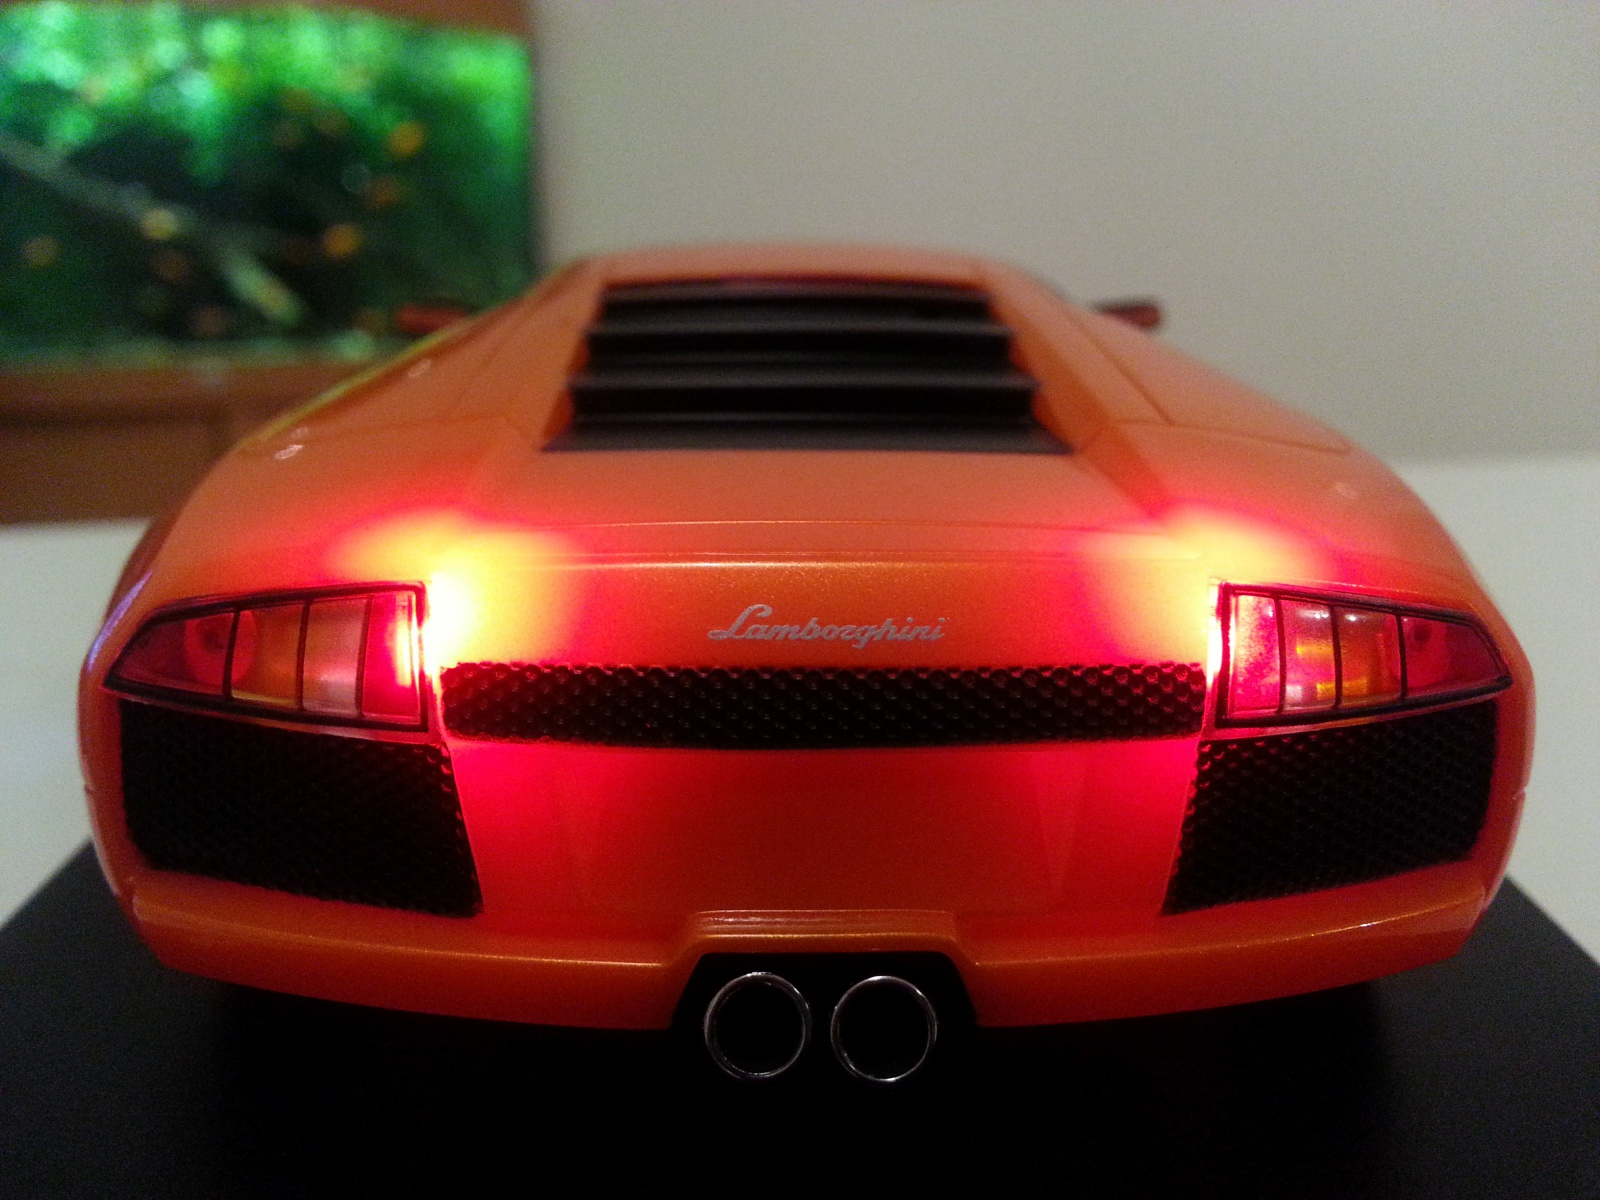 Kit lumières Atomic sur quelle carrosserie? 19075220130316200031